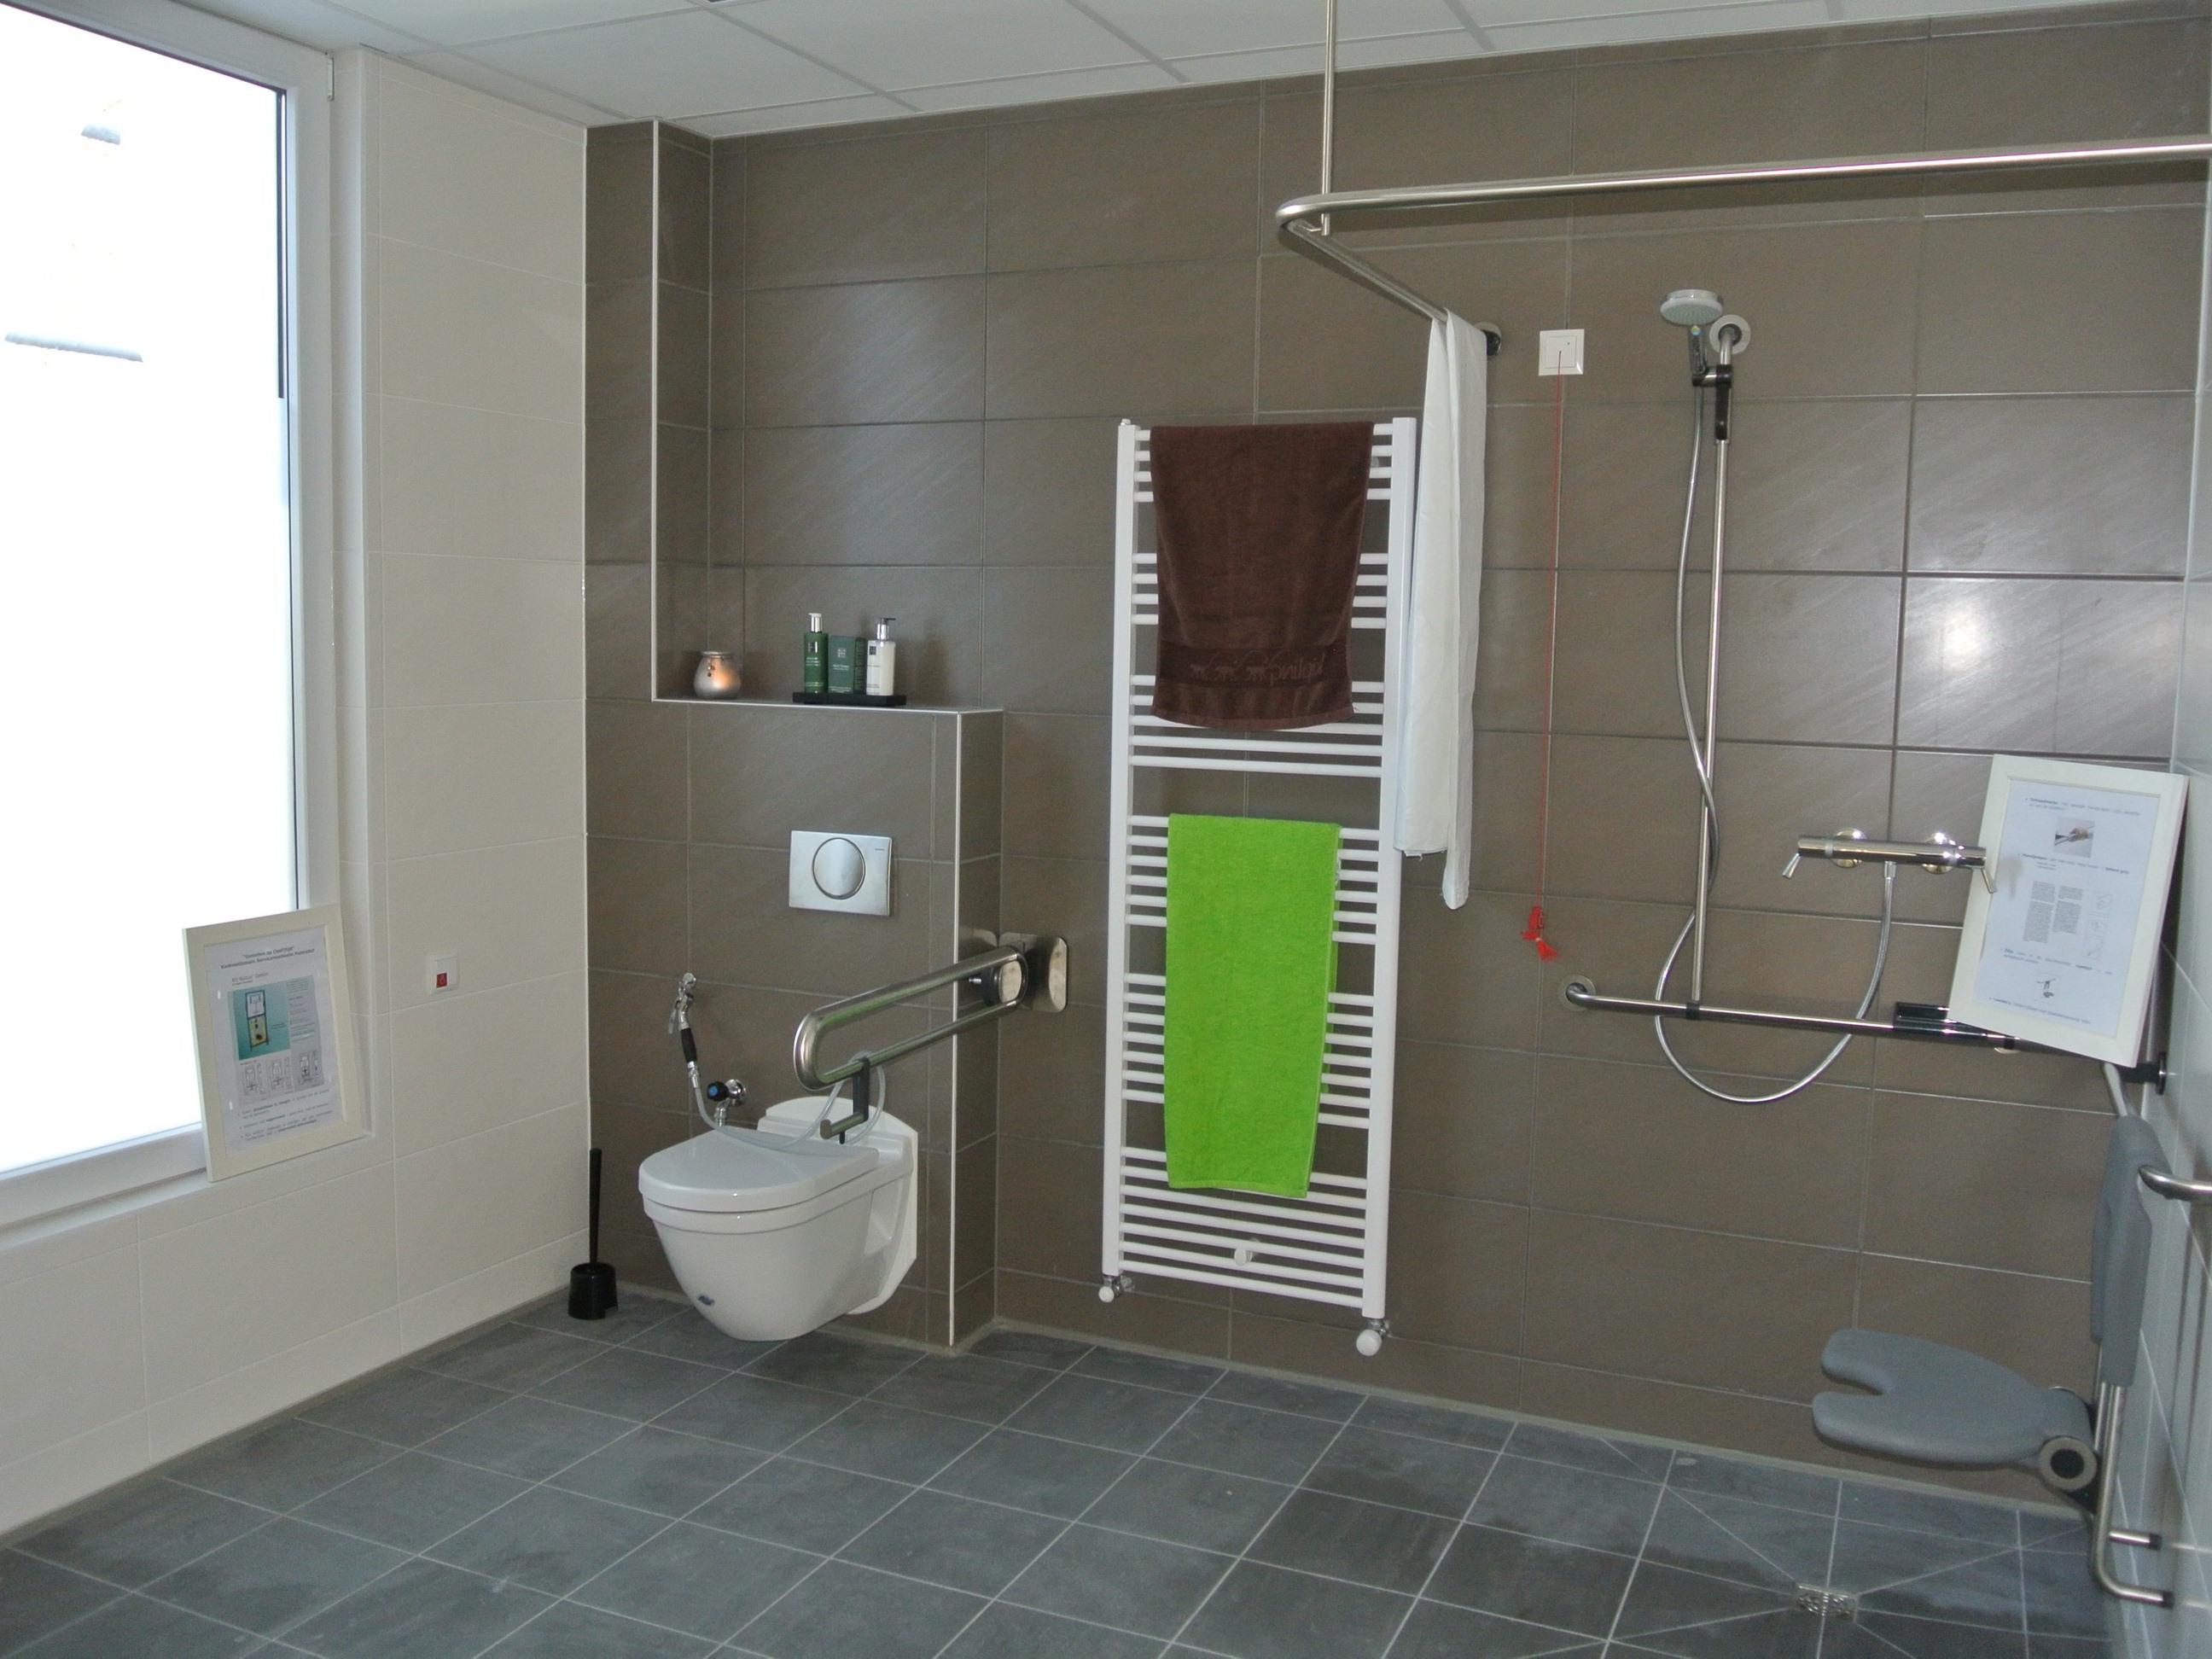 Toilet Verbouwen Ideeen : Veilige badkamer voor ouderen